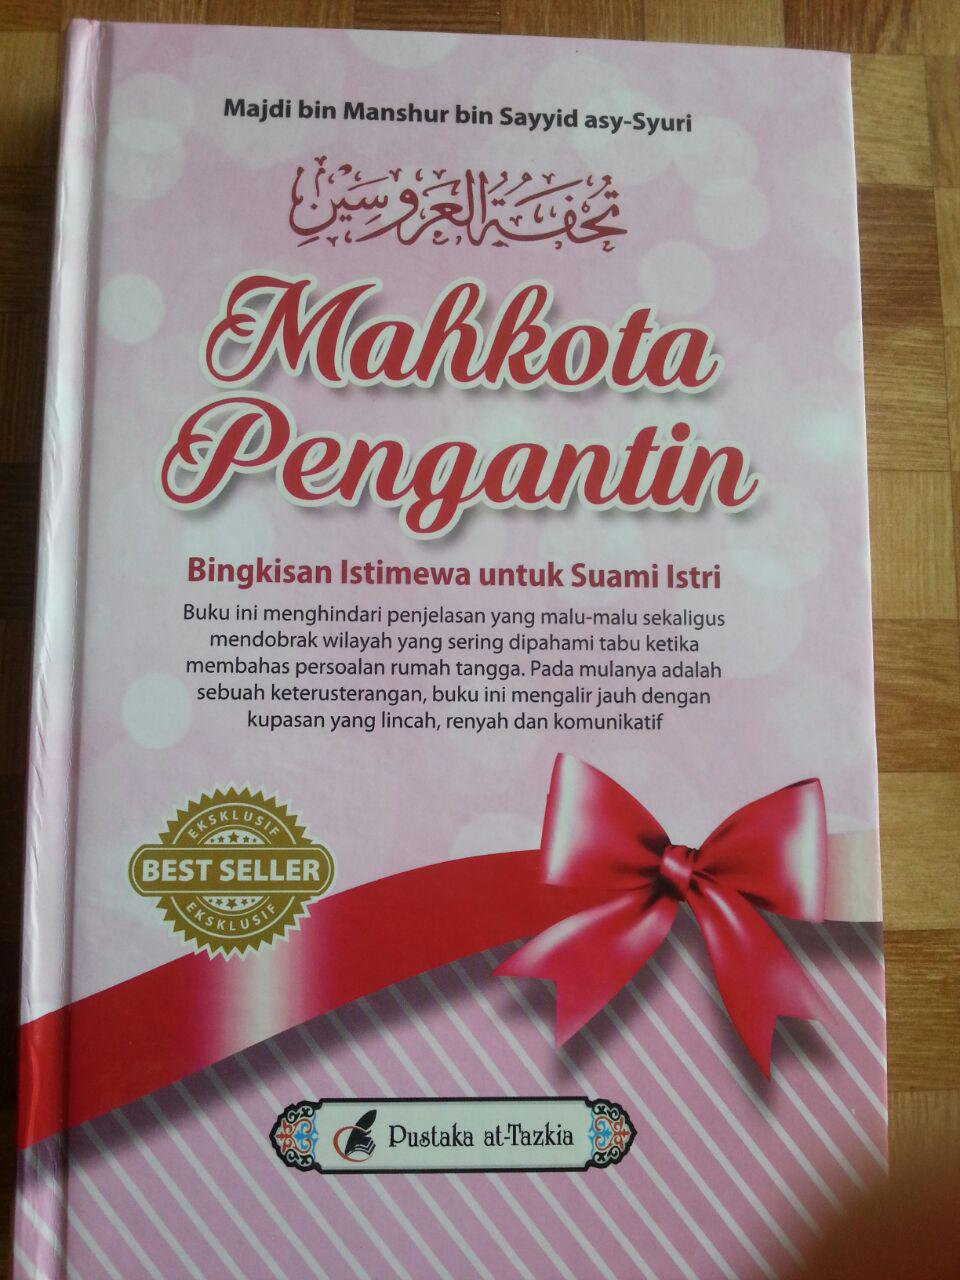 Buku Mahkota Pengantin Bingkisan Istimewa Untuk Suami Istri cover 2